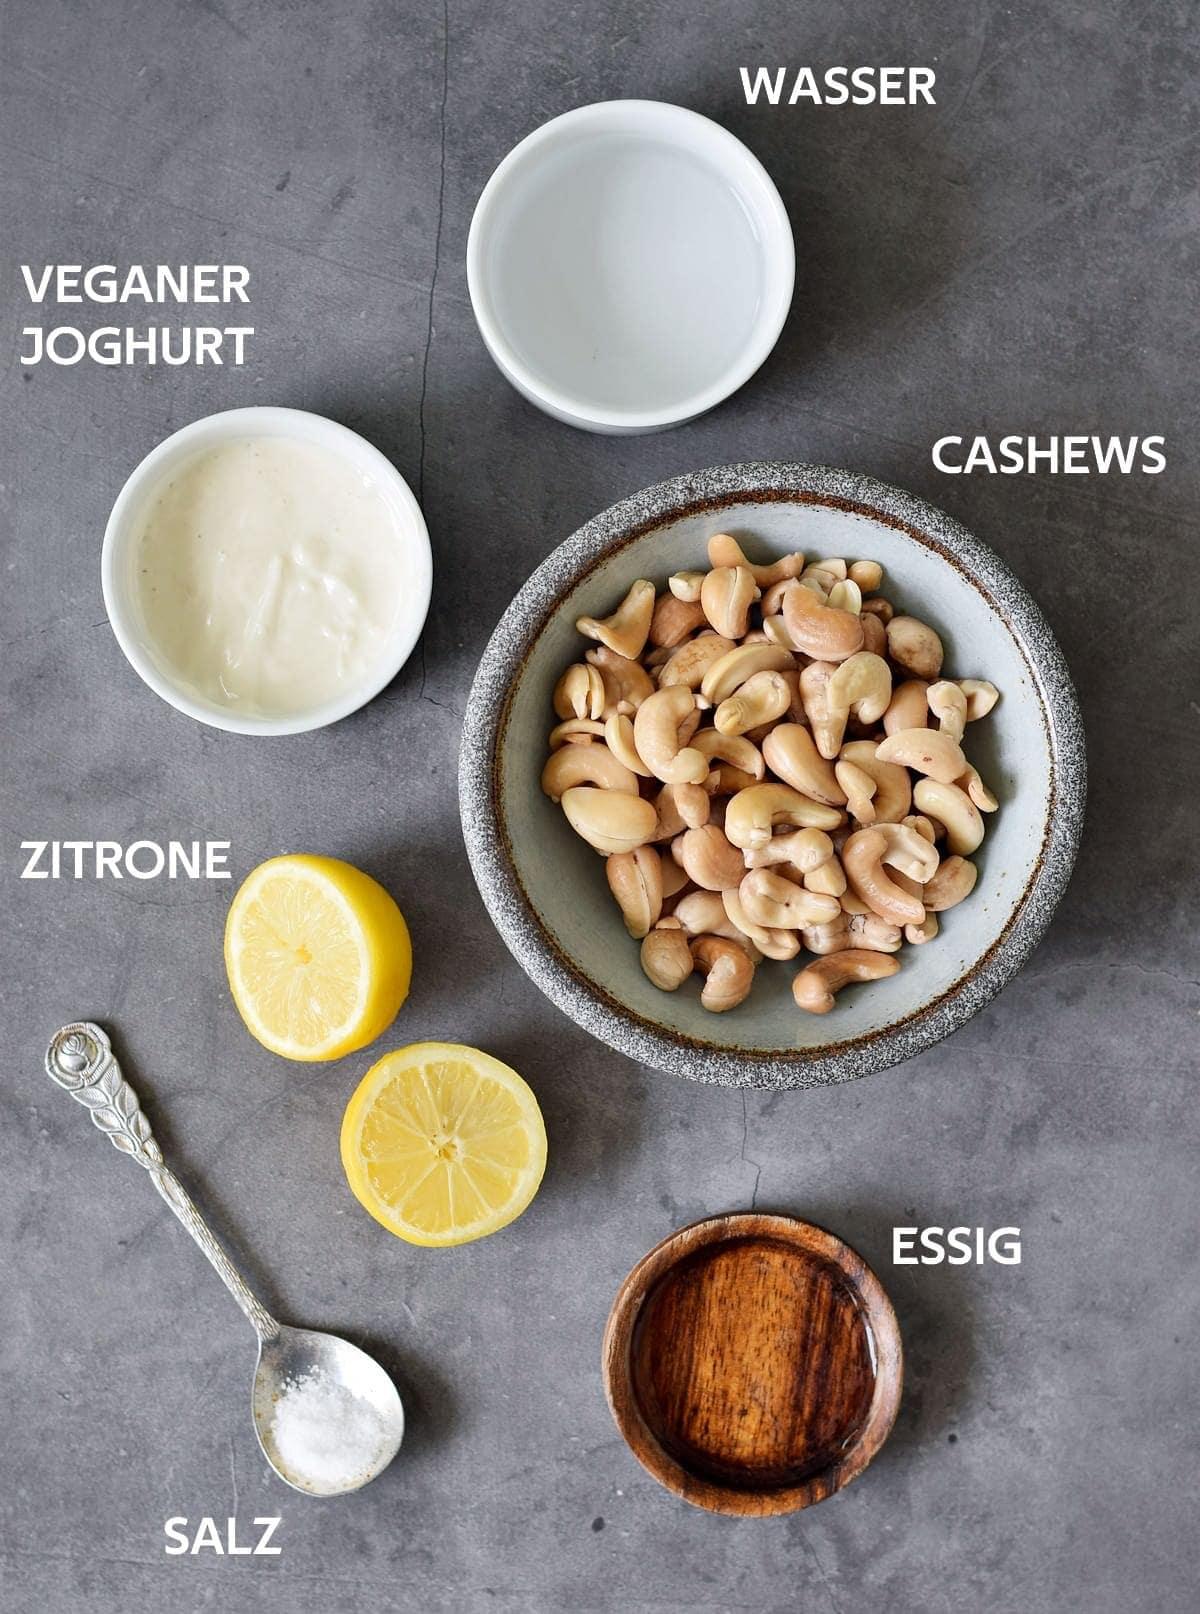 wasser, cashews, essig, salz, zitrone, veganer joghurt auf graumen hintergrund